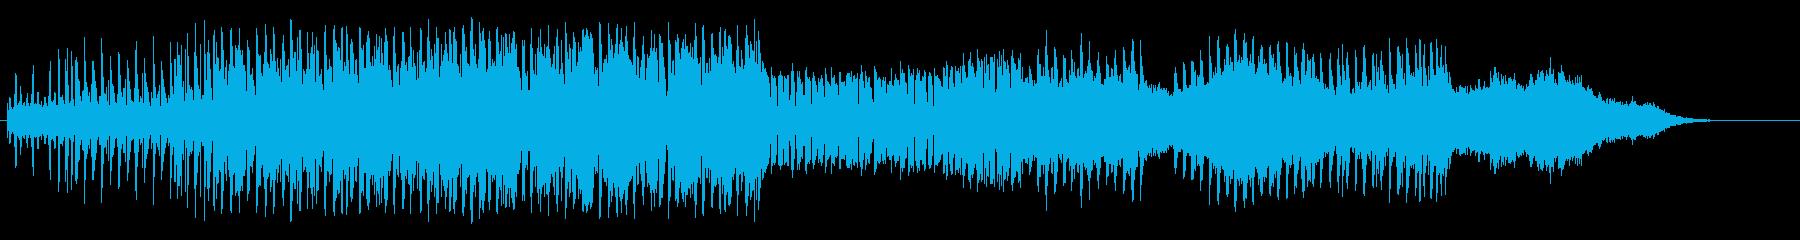 夜の街のマイナーエレクトリックポップスの再生済みの波形